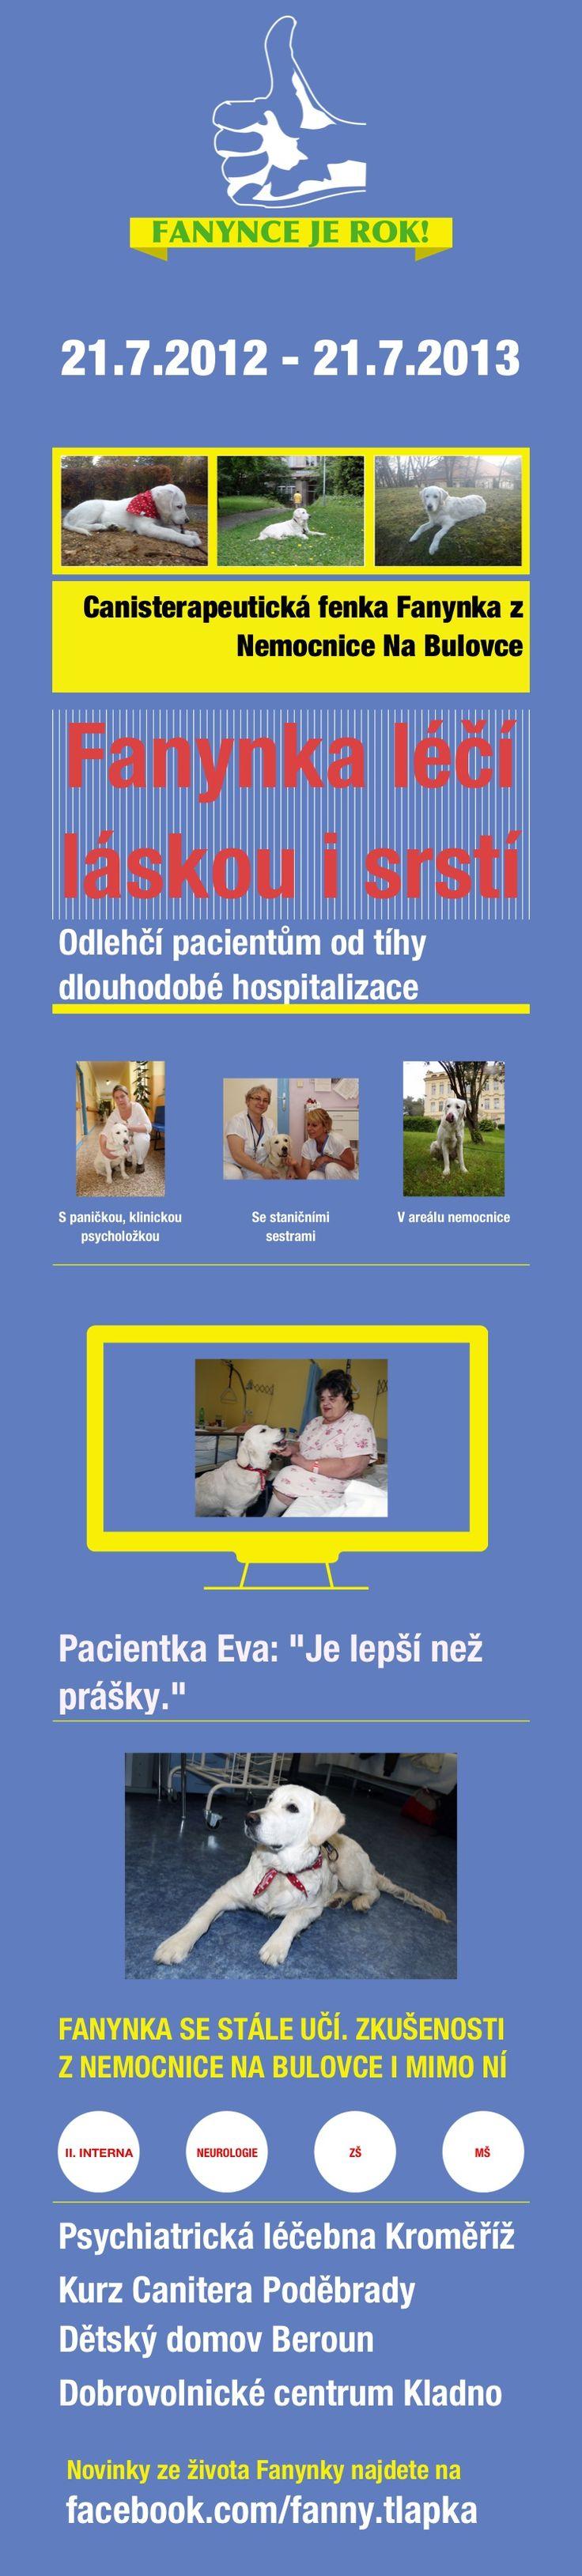 Fanynce je rok #canisterapie. Důležitá informace! Všechny aktivity, které Fanynka zatím vykonává, jsou tréninkové. Ještě nejde o canisterapii. Canisterapeutickým psem se totiž může stát až po složení příslušných zkoušek a to až dovrší věk 18ti měsíců. Nemocnici Na Bulovce Fanynku zapůjčila obecně prospěšná společnost Pomocné tlapky.